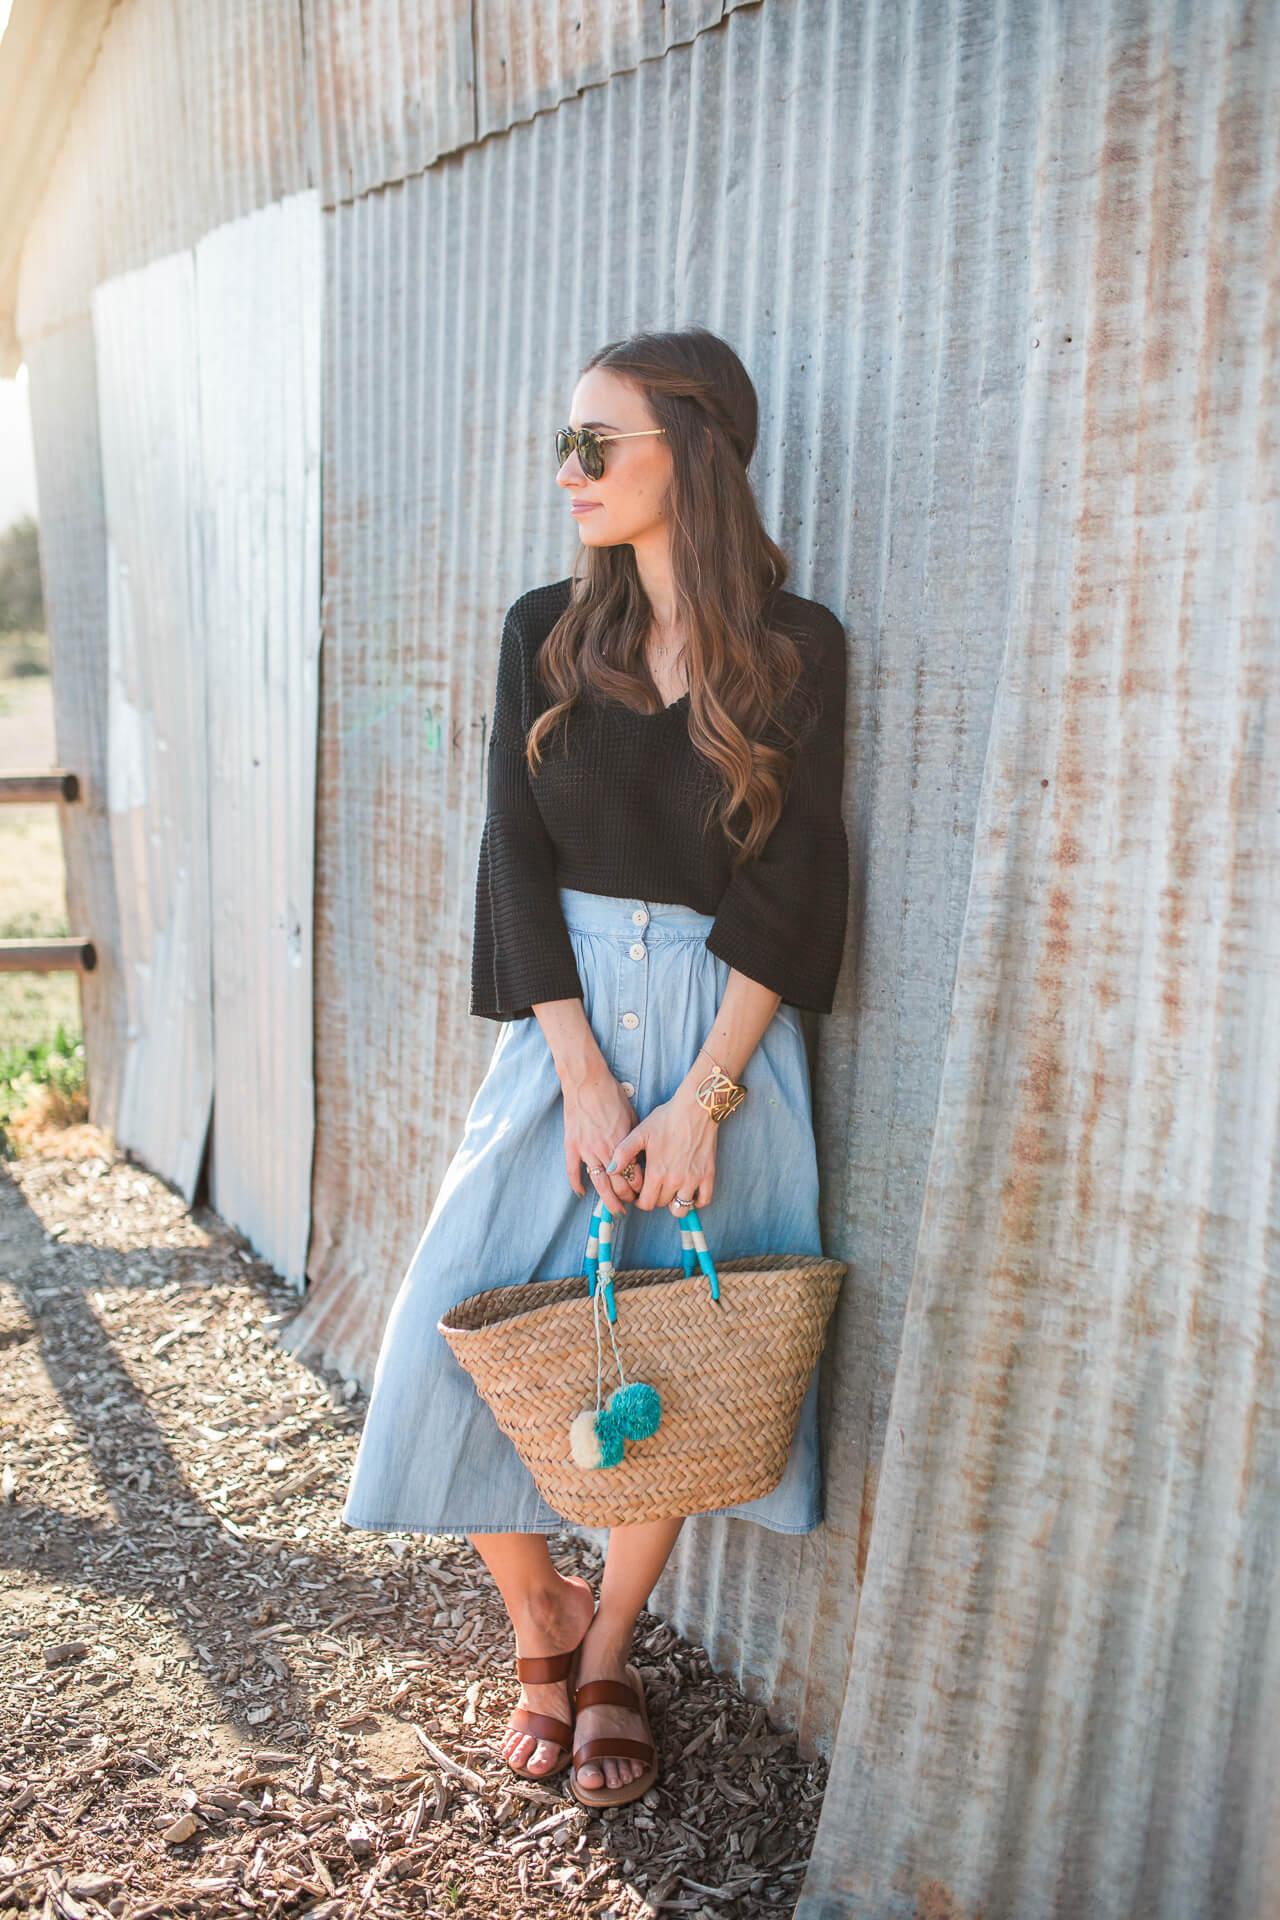 spring styling ideas by Mara Ferreira M Loves M @marmar